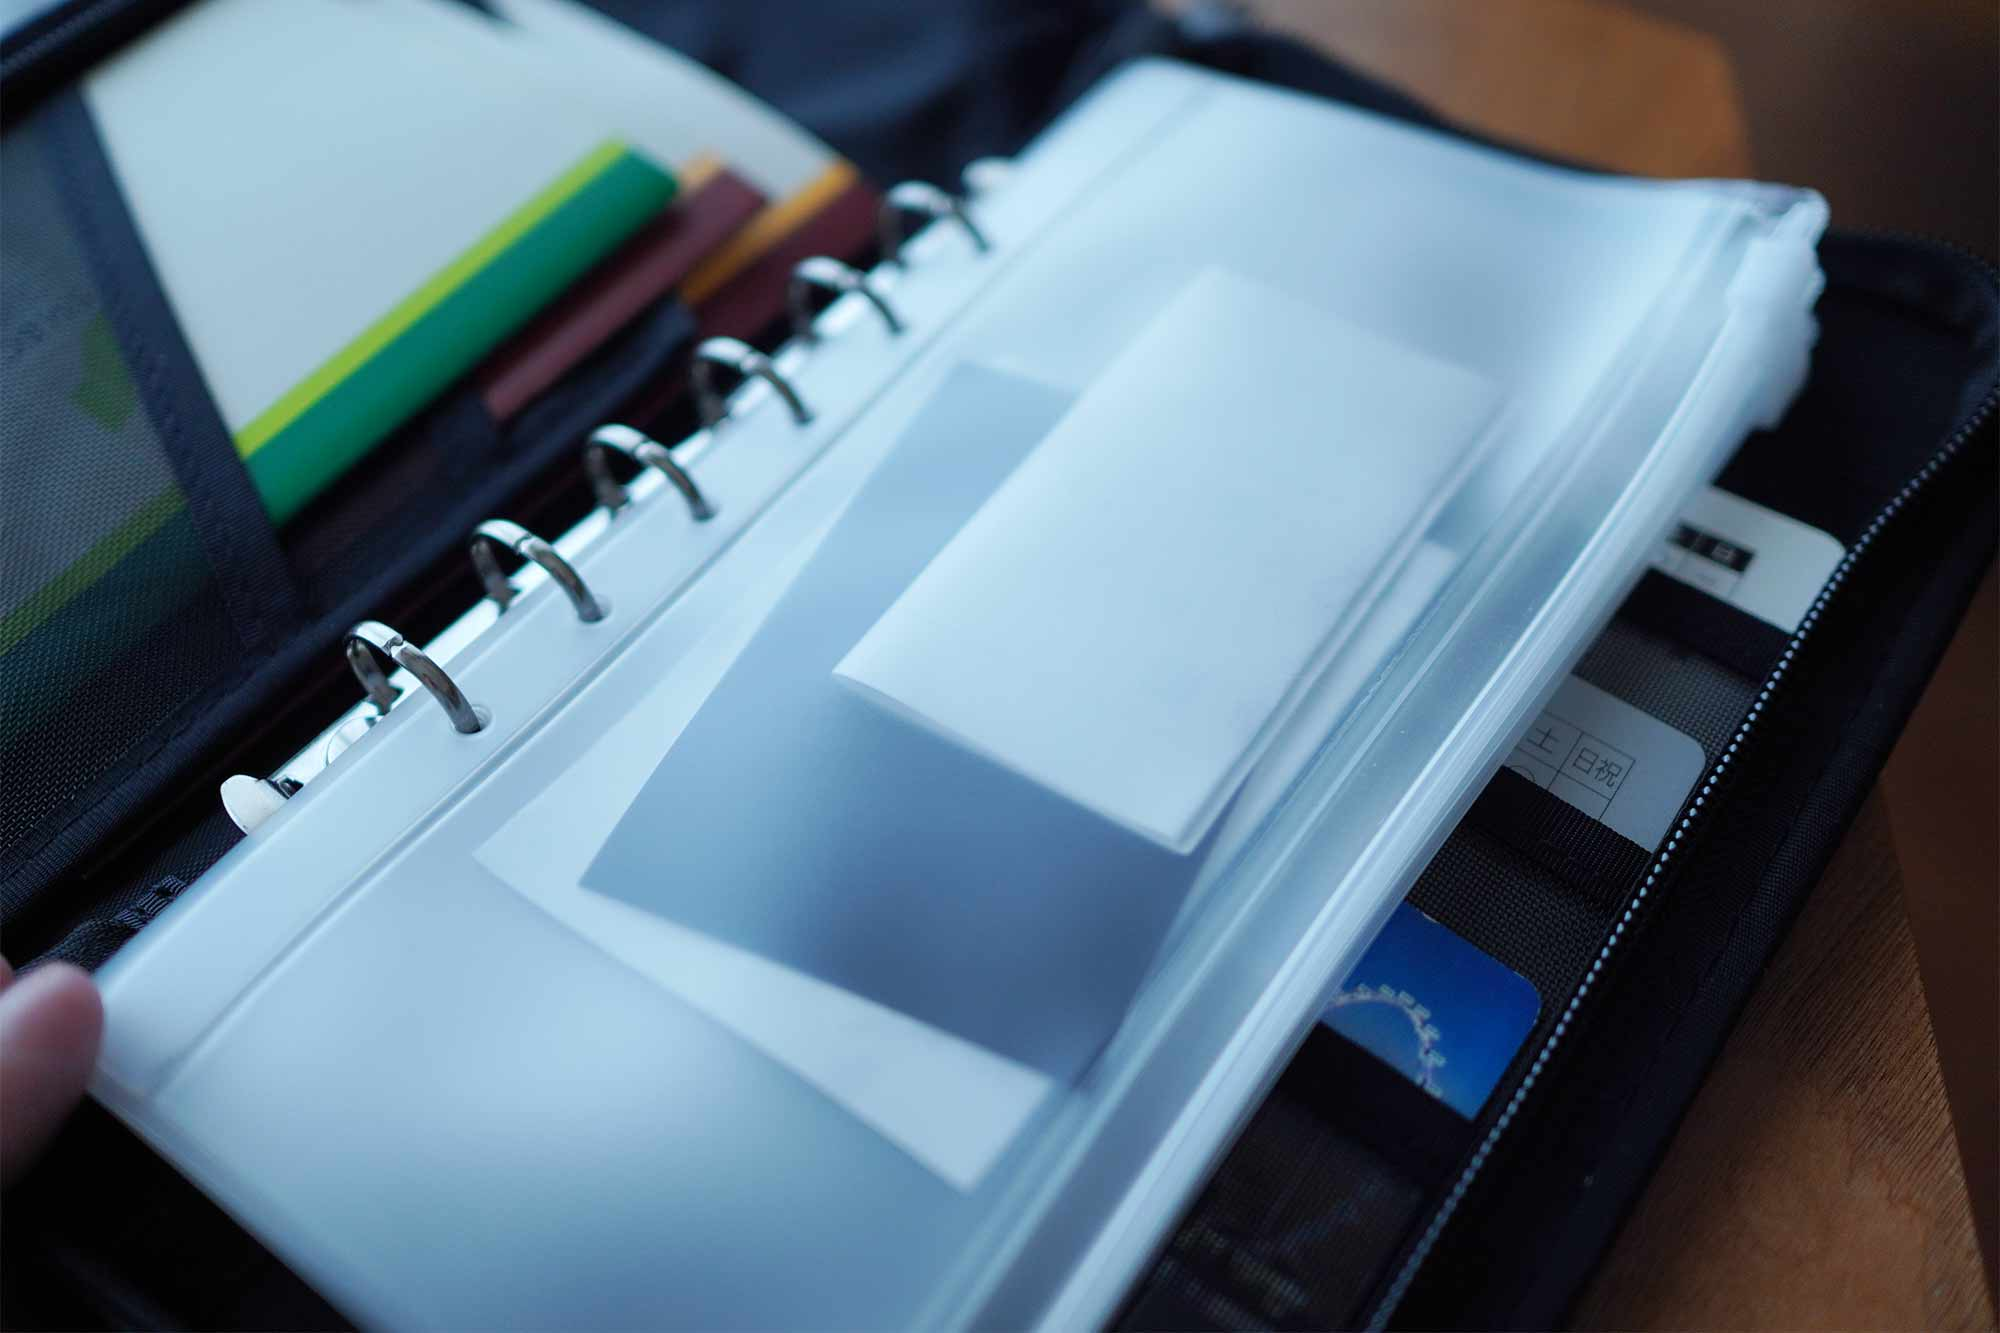 無印良品,パスポートケース,収納,便利,通帳,安い,領収書